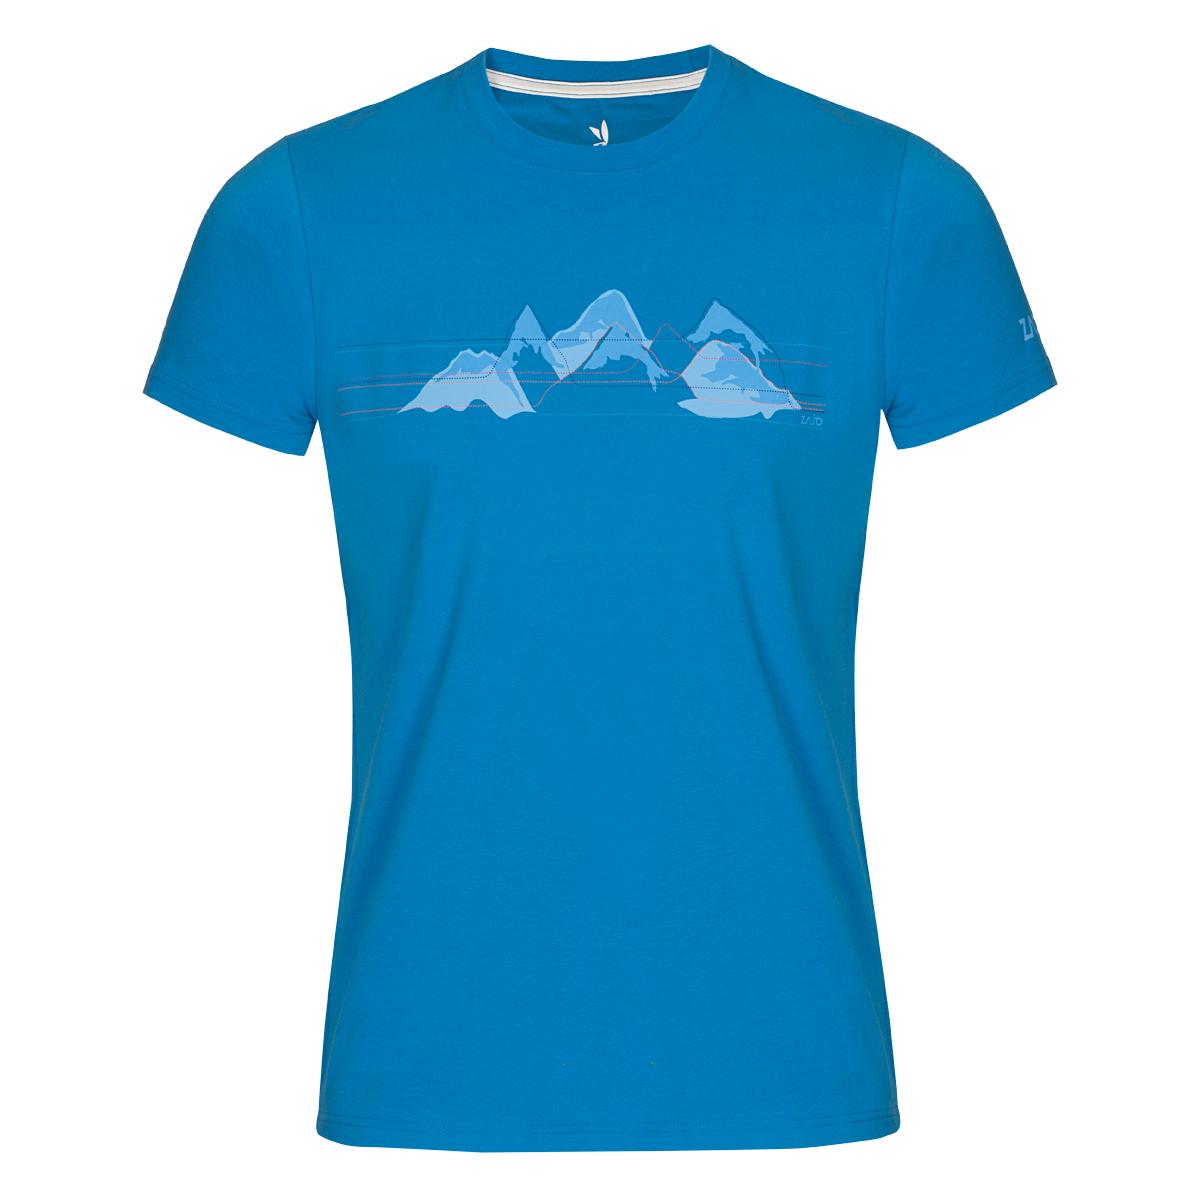 Pánske tričko ZAJO Bormio Ibiza Blue Mountains SS - veľkosť S